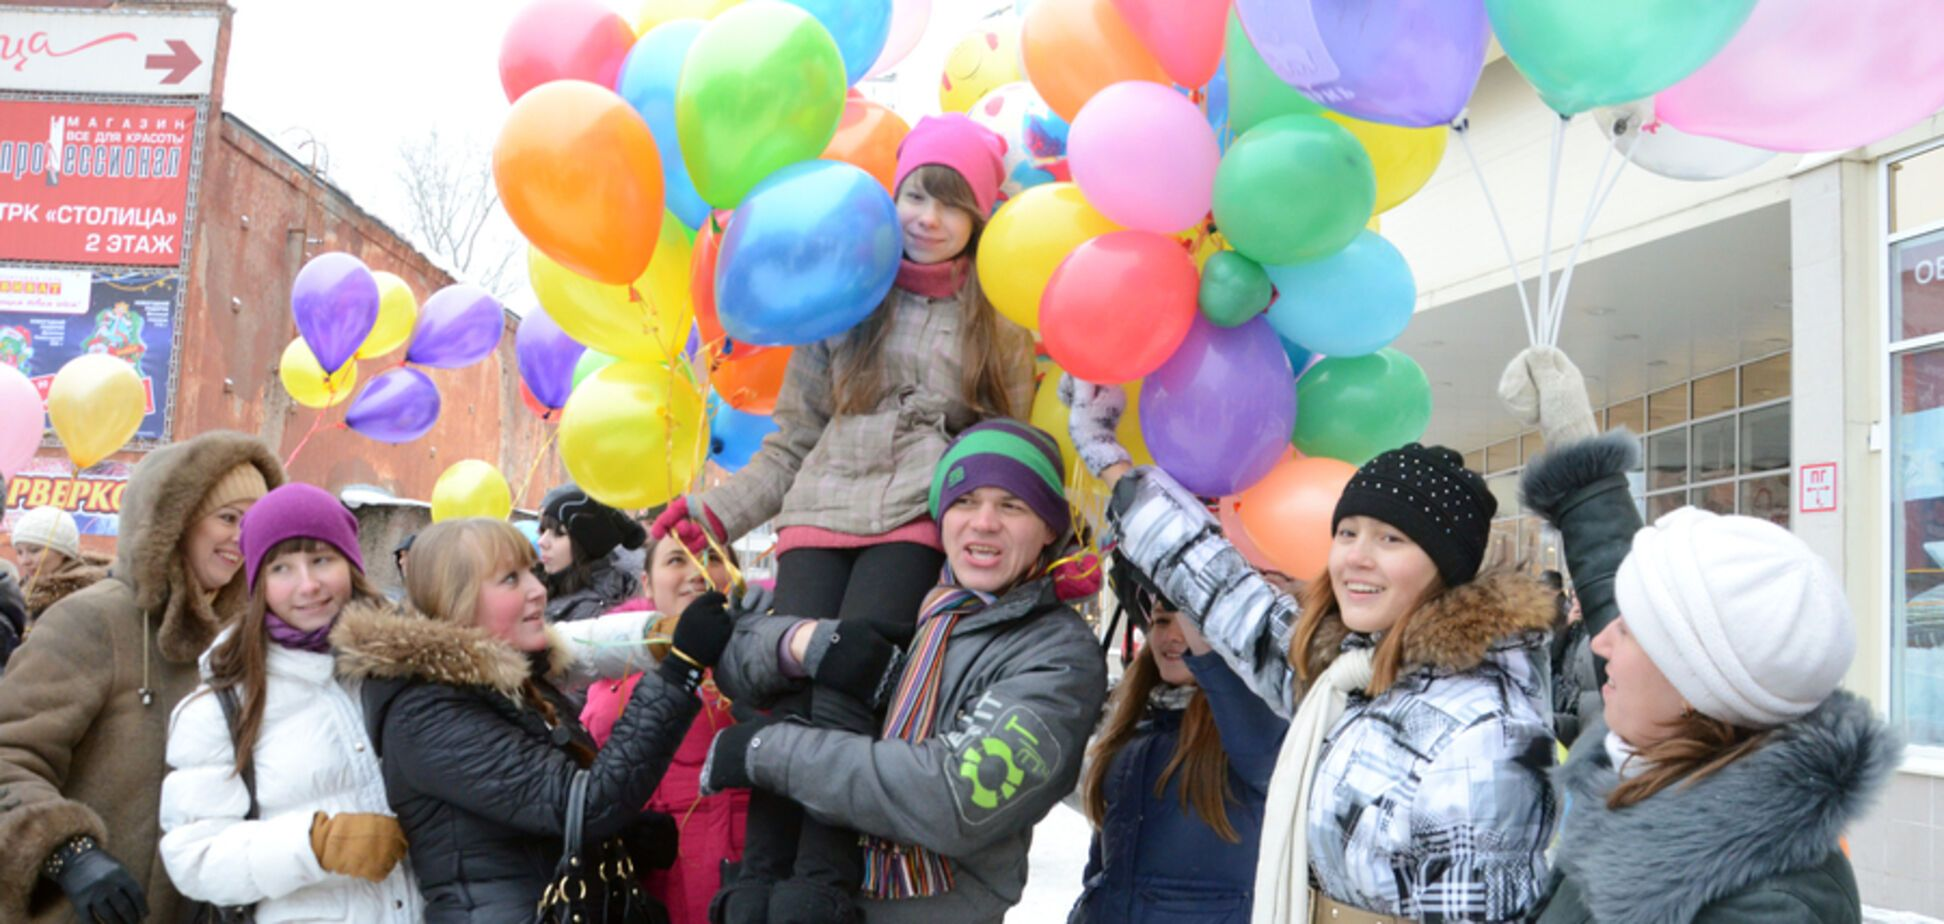 'Уринотерапия и день чикагского майдана': как в Дебальцево отметили Первомай